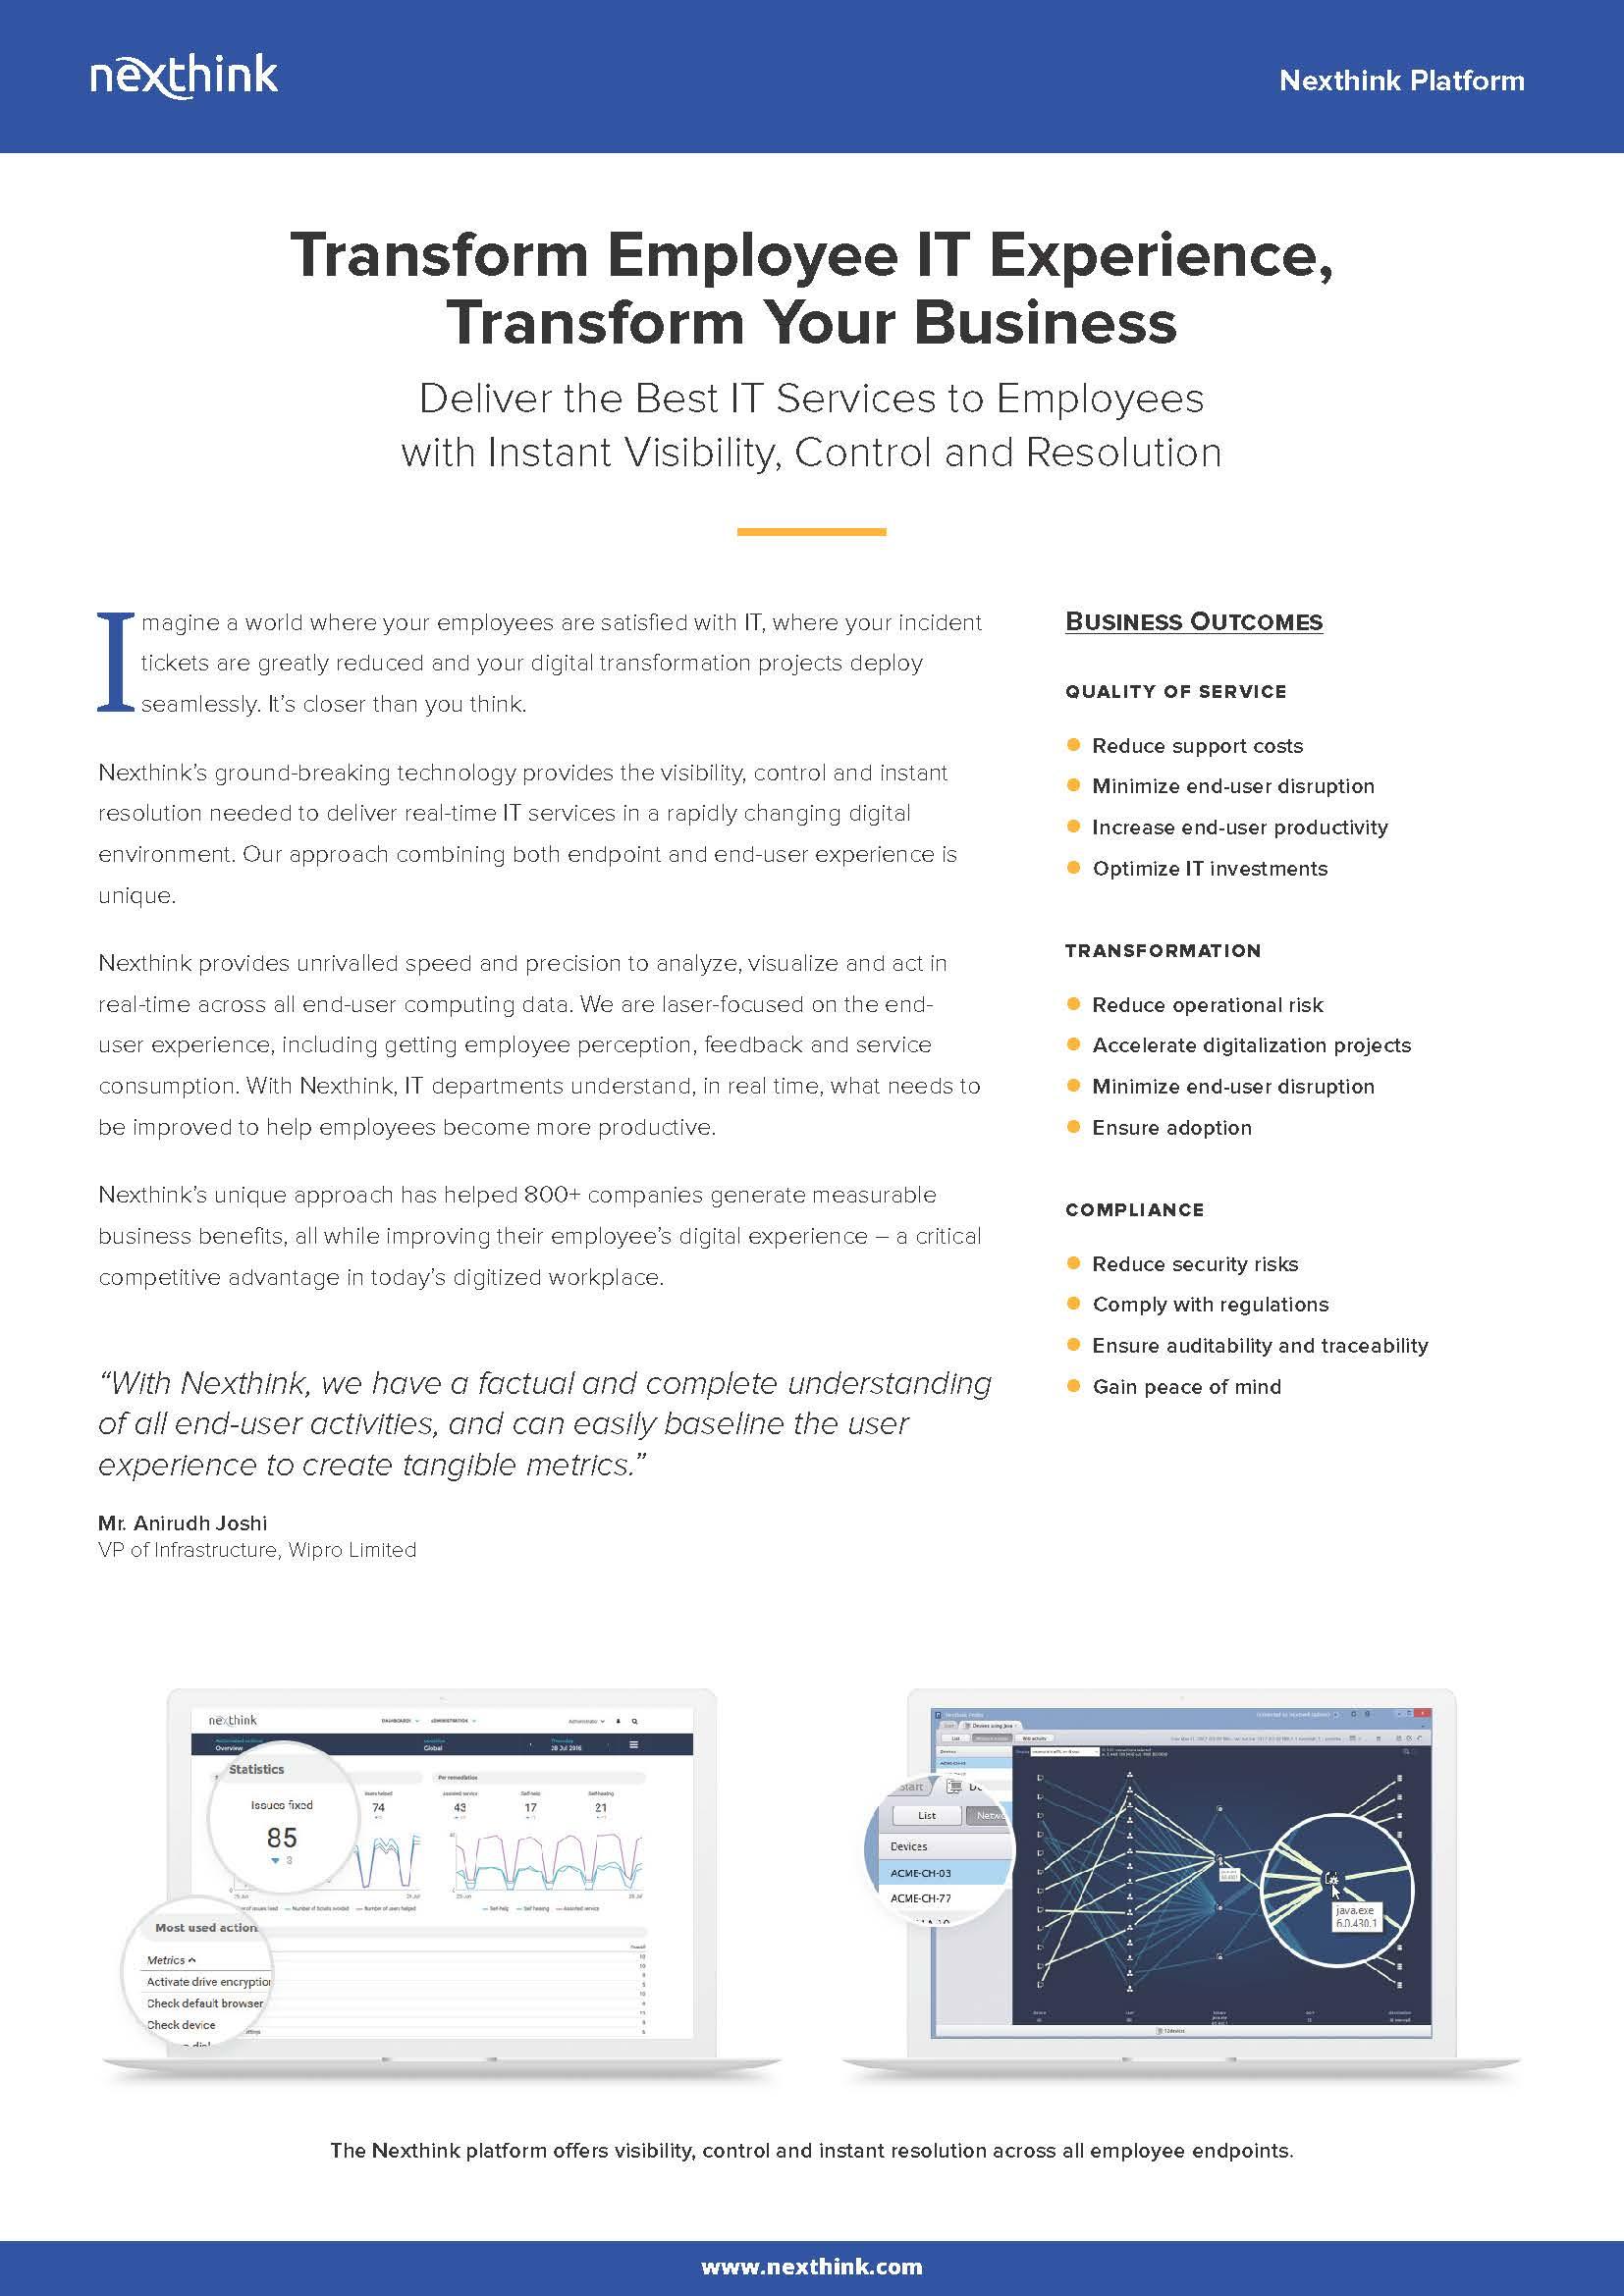 Nexthink Platform Fact Sheet